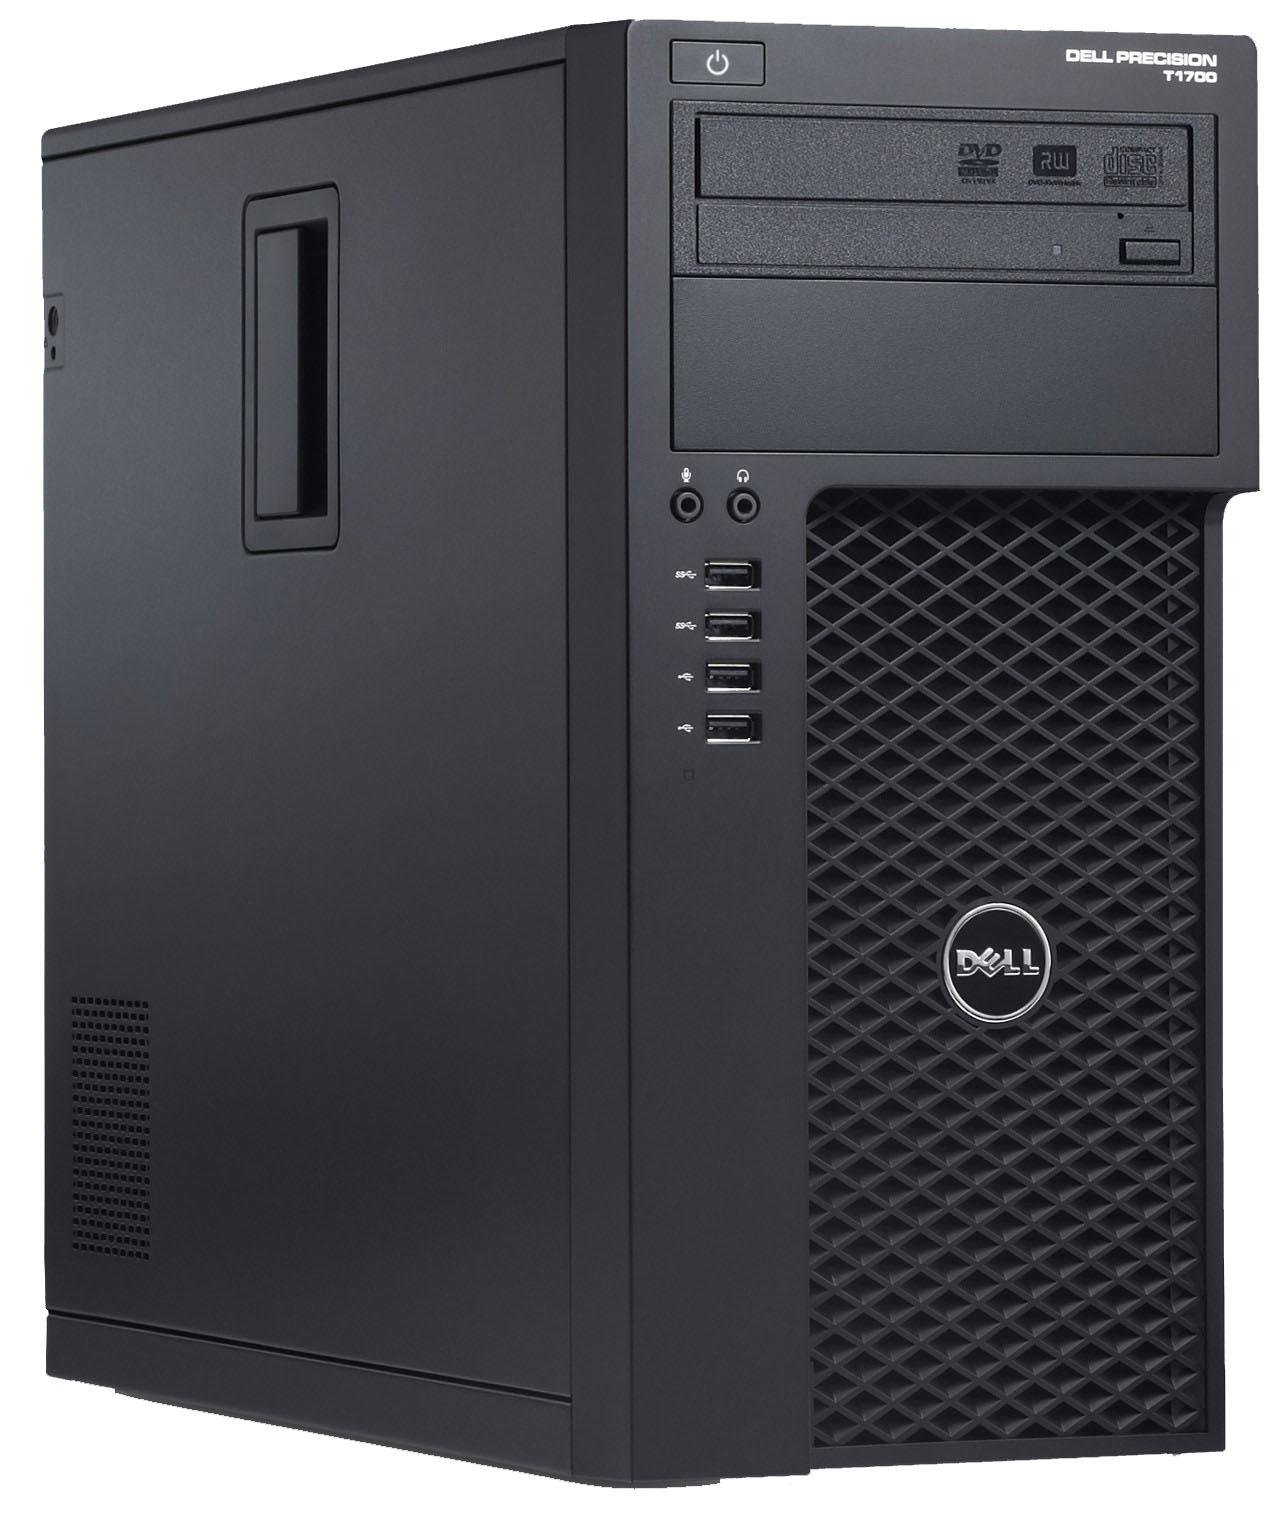 Десктоп Dell Precision T1700 MT Intel Xeon E3-1241v3 3.5 GHz, 16Gb, 256Gb SSD (1700-8987)